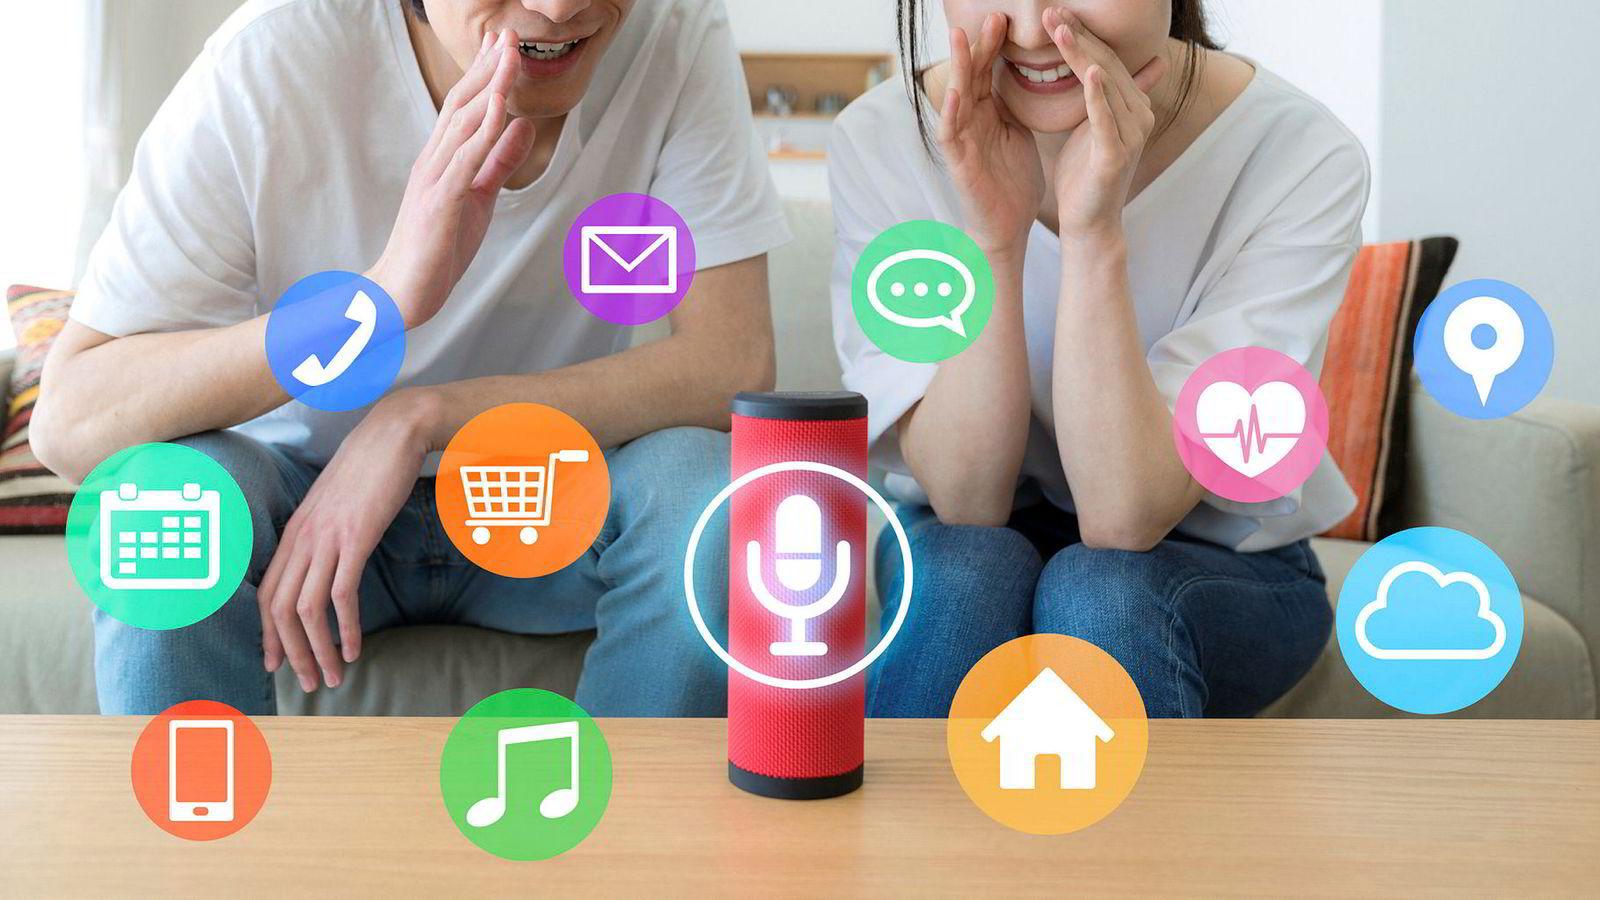 Nå kan de som hiver seg ut i stemmestyringsuniverset, få informasjon om alt brukerne spør etter, og utvikle innhold basert på hva etterspørselen faktisk er. 